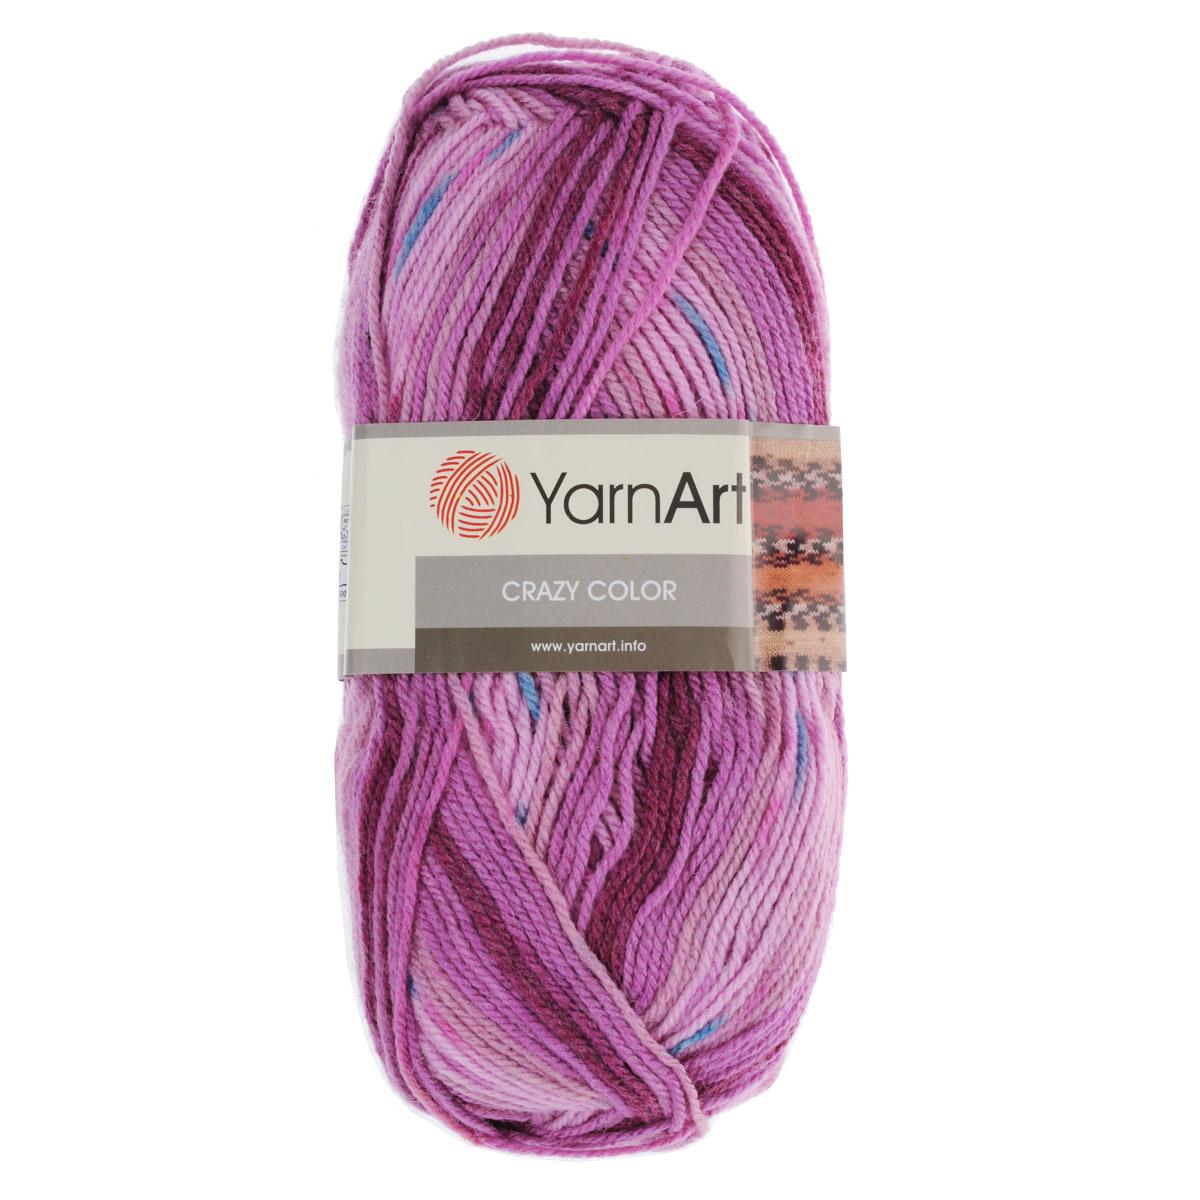 Пряжа для вязания YarnArt Crazy Color, цвет: сиреневый, светло-розовый (126), 260 м, 100 г, 5 шт372036_126Пряжа для вязания YarnArt Crazy Color изготовлена из шерсти и акрила. Эта полушерстяная классическая пряжа фантазийной окраски подходит для ручного вязания. Нить мягкая, плотной скрутки, послушная, не расслаивается, не тянется, легко распускается и не деформируется. Пряжа очень мягкая, приятная на ощупь и вяжется быстро. Ниточка очень экономная, не скатывается. В результате получаются очень оригинальные и забавные рисунки. Может с успехом применяться для вязания детской одежды, кардиганов, пуловеров и пр. Пряжа YarnArt Crazy Color - секционной окраски отлично смотрится и в простой вязке и при выполнении сложных узоров. Пряжа окрашена стойкими качественными красителями, не линяет. Рекомендуются спицы и крючок 3,5 мм. Состав: 25% шерсть, 75% акрил.